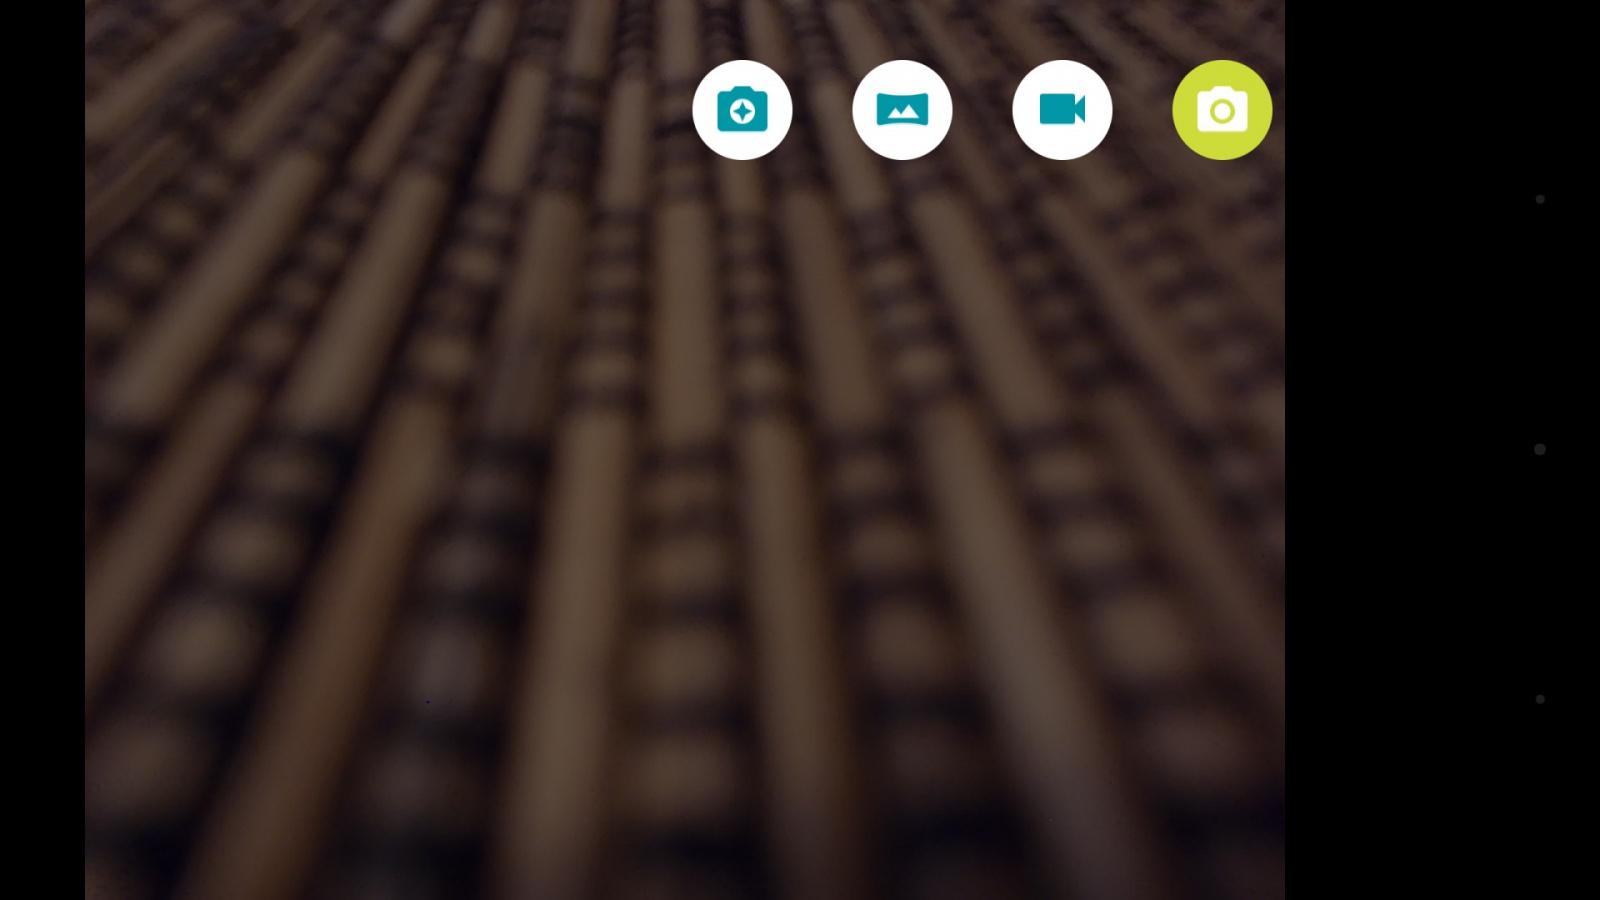 Фотомодуль Hasselblad True Zoom для Moto Z: для чего он нужен и на что способен? - 11